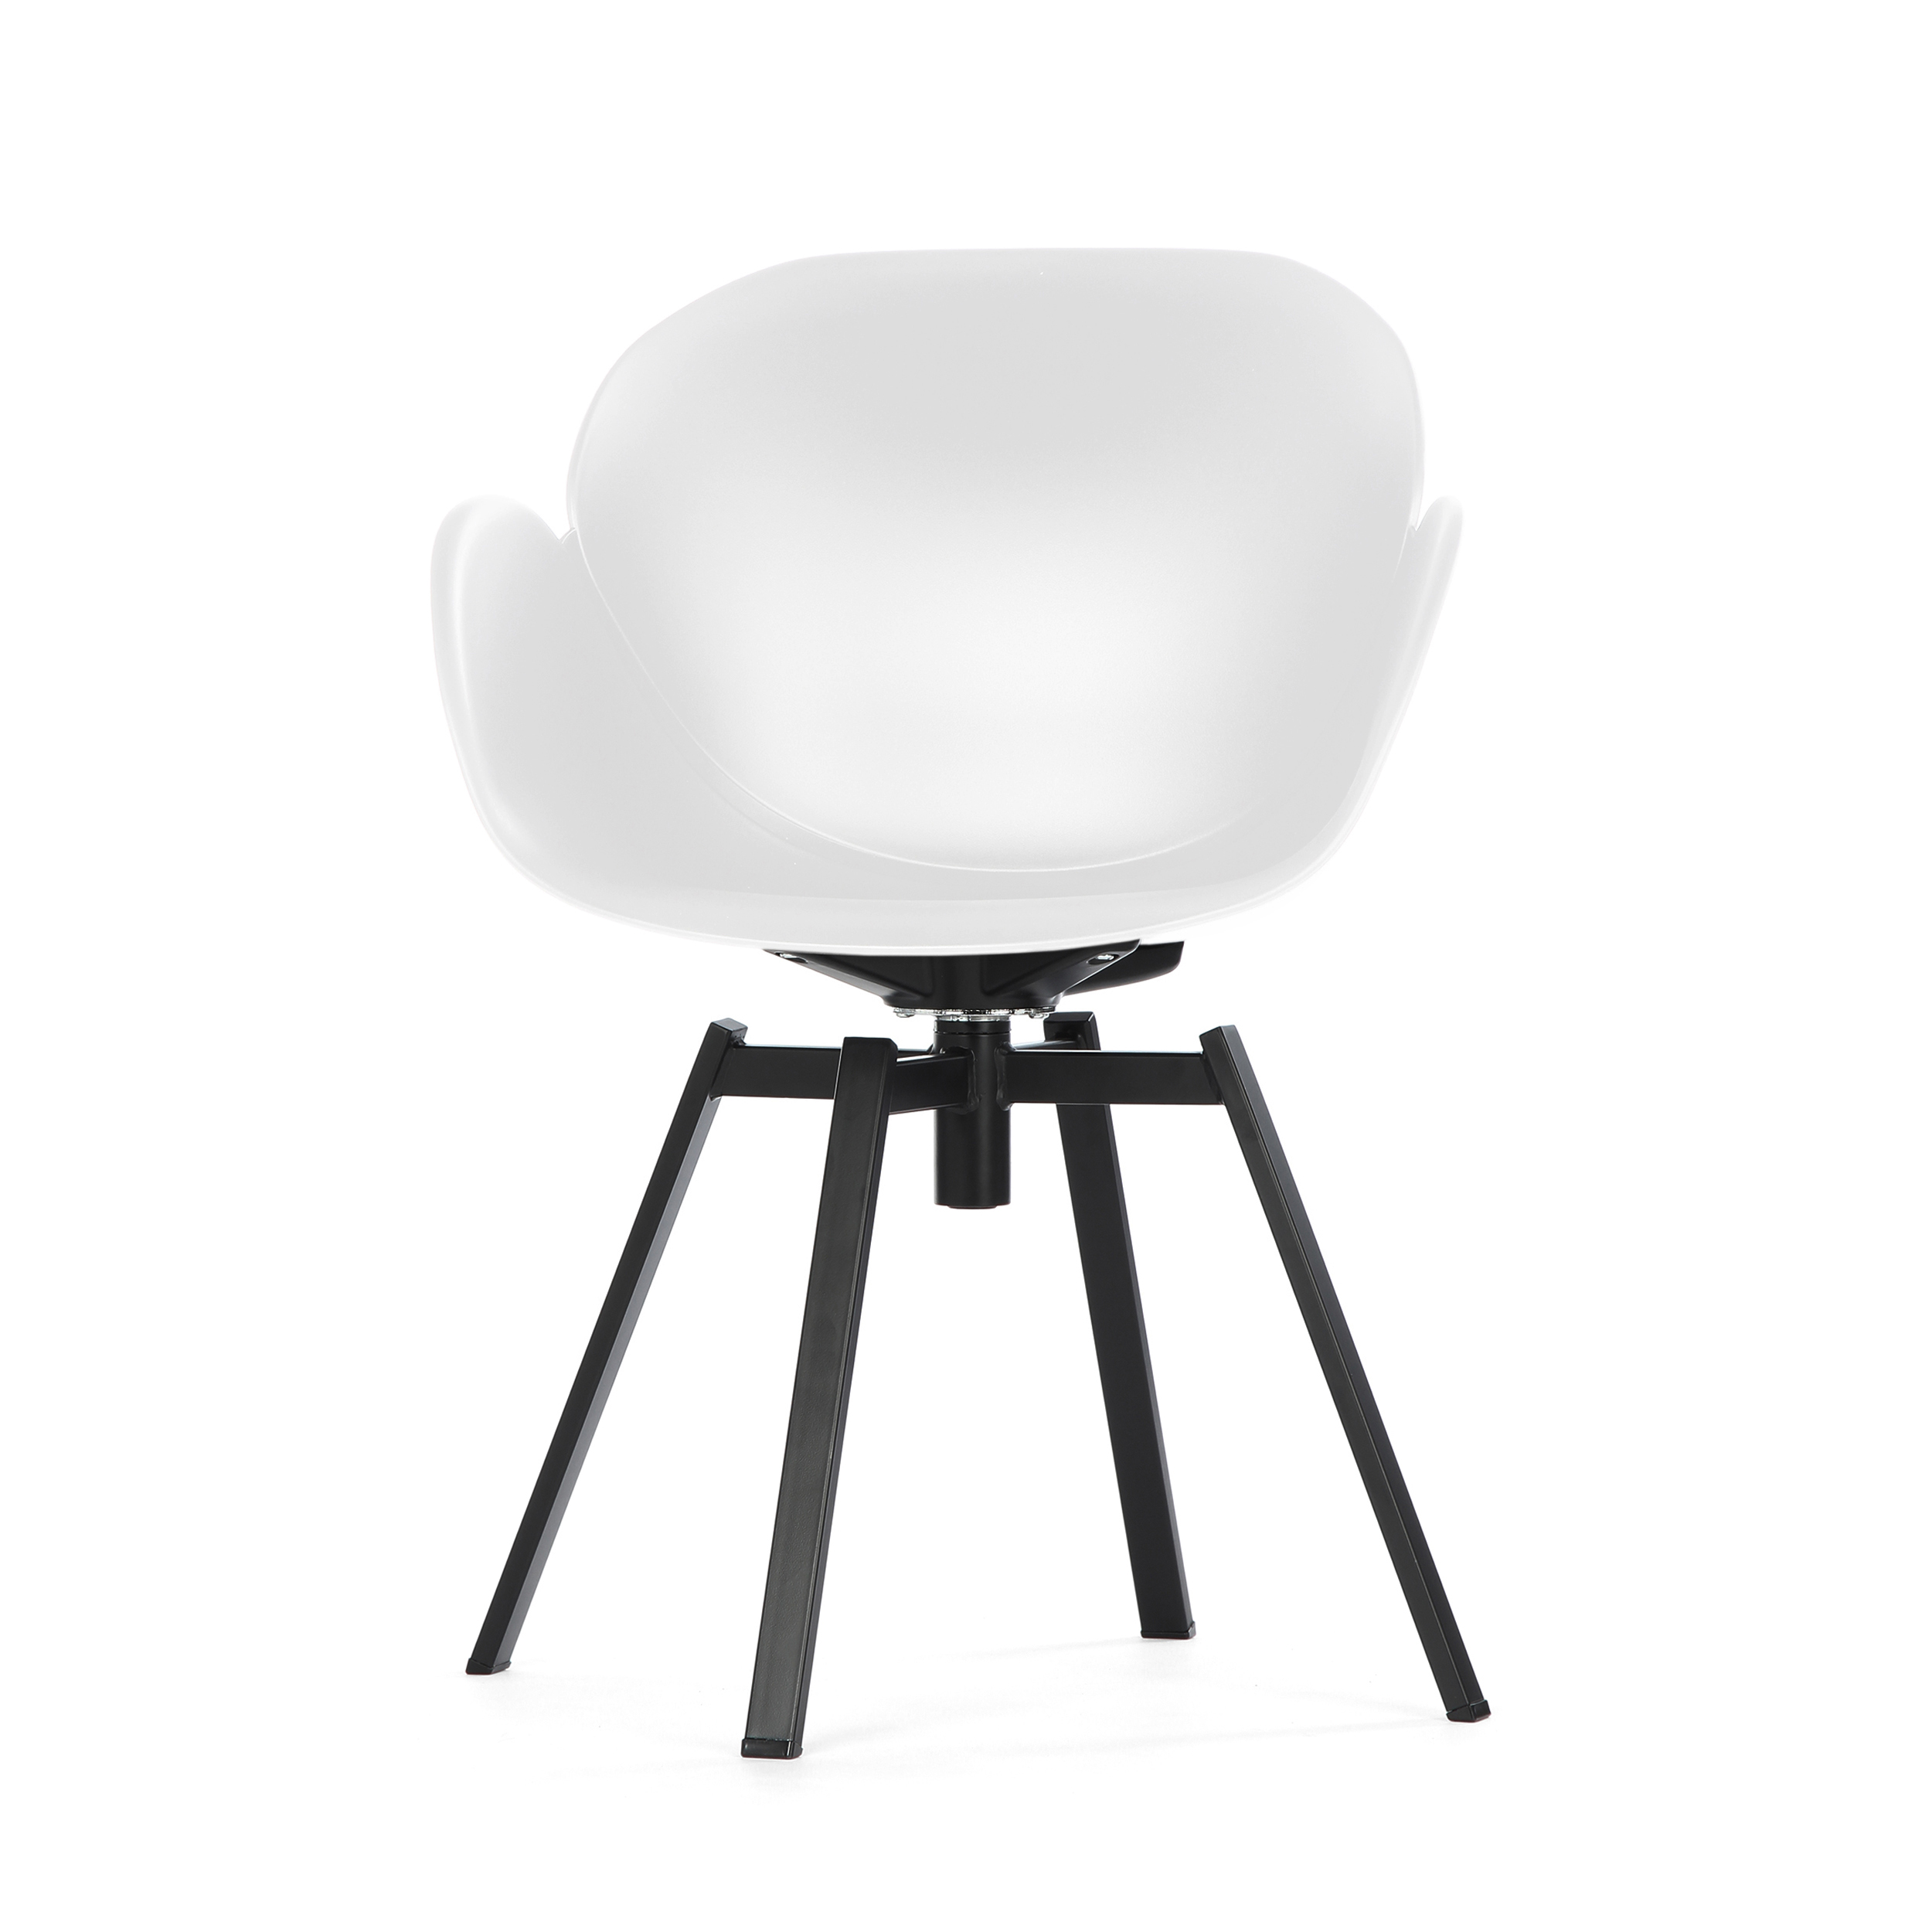 Кресло RezedaИнтерьерные<br>Дизайнерское стильное кресло Rezeda (Резида) из полипропилена на стальных ножках от Cosmo (Космо).<br><br><br>«Вкусные» изгибы кресла Rezeda отлично вписываются в интерьер стиля хай-тек, что доказывают доступные монохромные цветовые исполнения, а также отсутствие лишних деталей. Его минималистичный дизайн — настоящая находка для классических офисных интерьеров. На редкость гармоничное сочетание плавных линий и острых углов — отличительная особенность модели кресла. <br><br><br><br> Изделие изготовлено и...<br><br>stock: 22<br>Высота: 84<br>Высота сиденья: 45<br>Ширина: 61<br>Глубина: 58<br>Цвет ножек: Черный<br>Тип материала обивки: Полипропилен<br>Тип материала ножек: Сталь нержавеющая<br>Цвет обивки: Белый